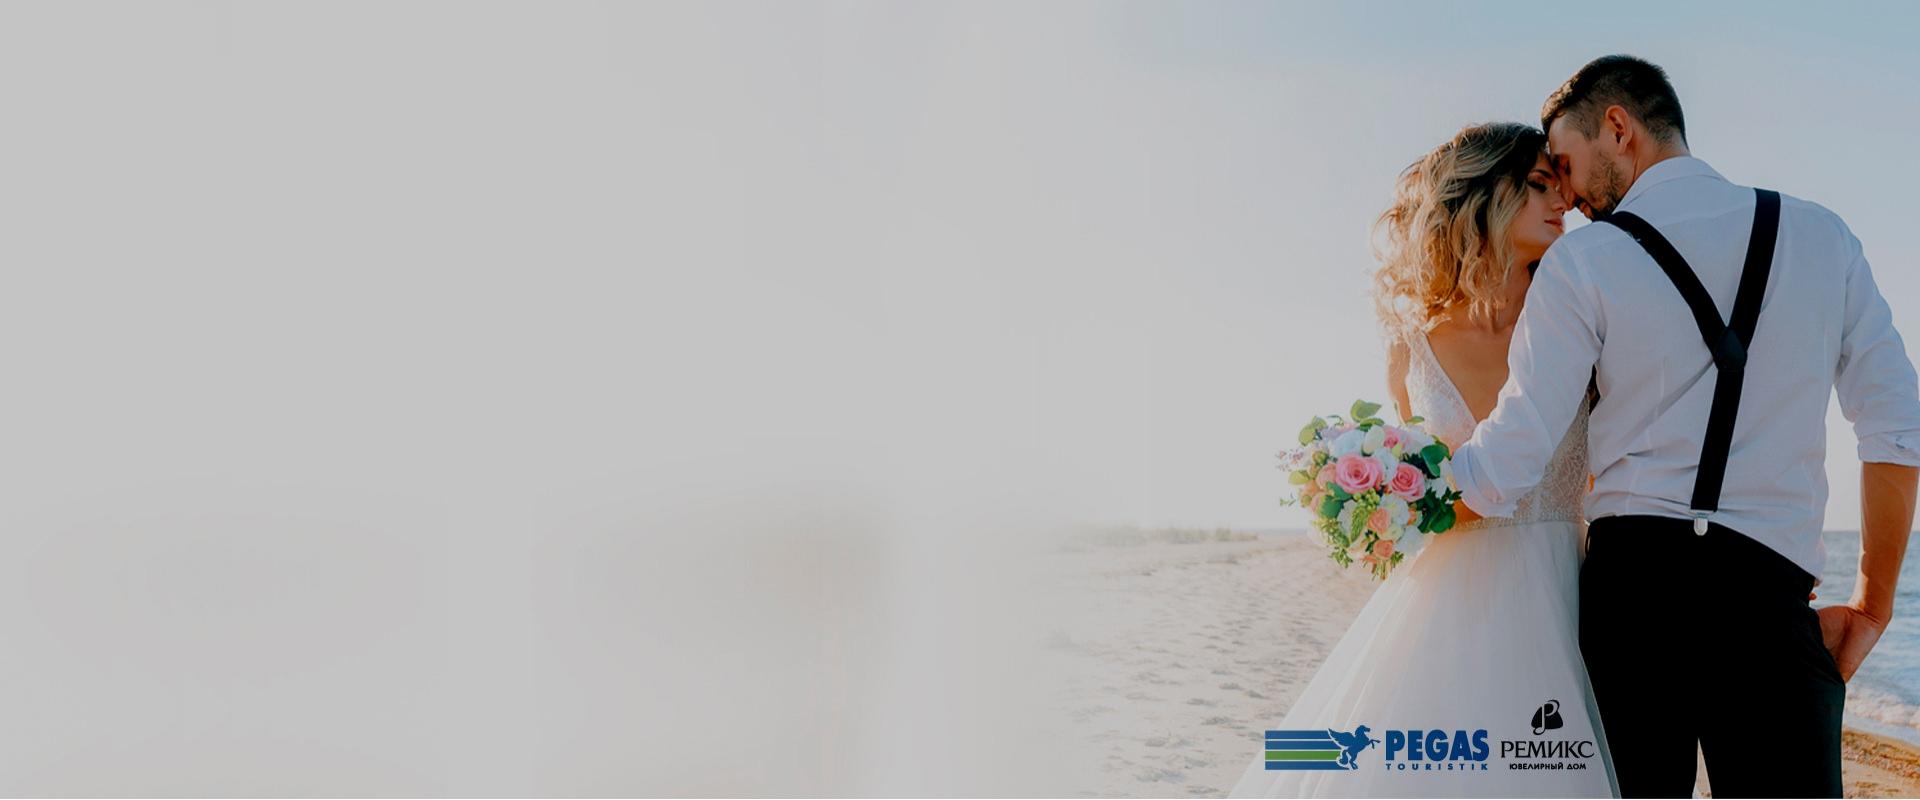 7d8766cc Ювелирные украшения, обручальные кольца, Красноярск - Ремикс: фото, цены,  акции